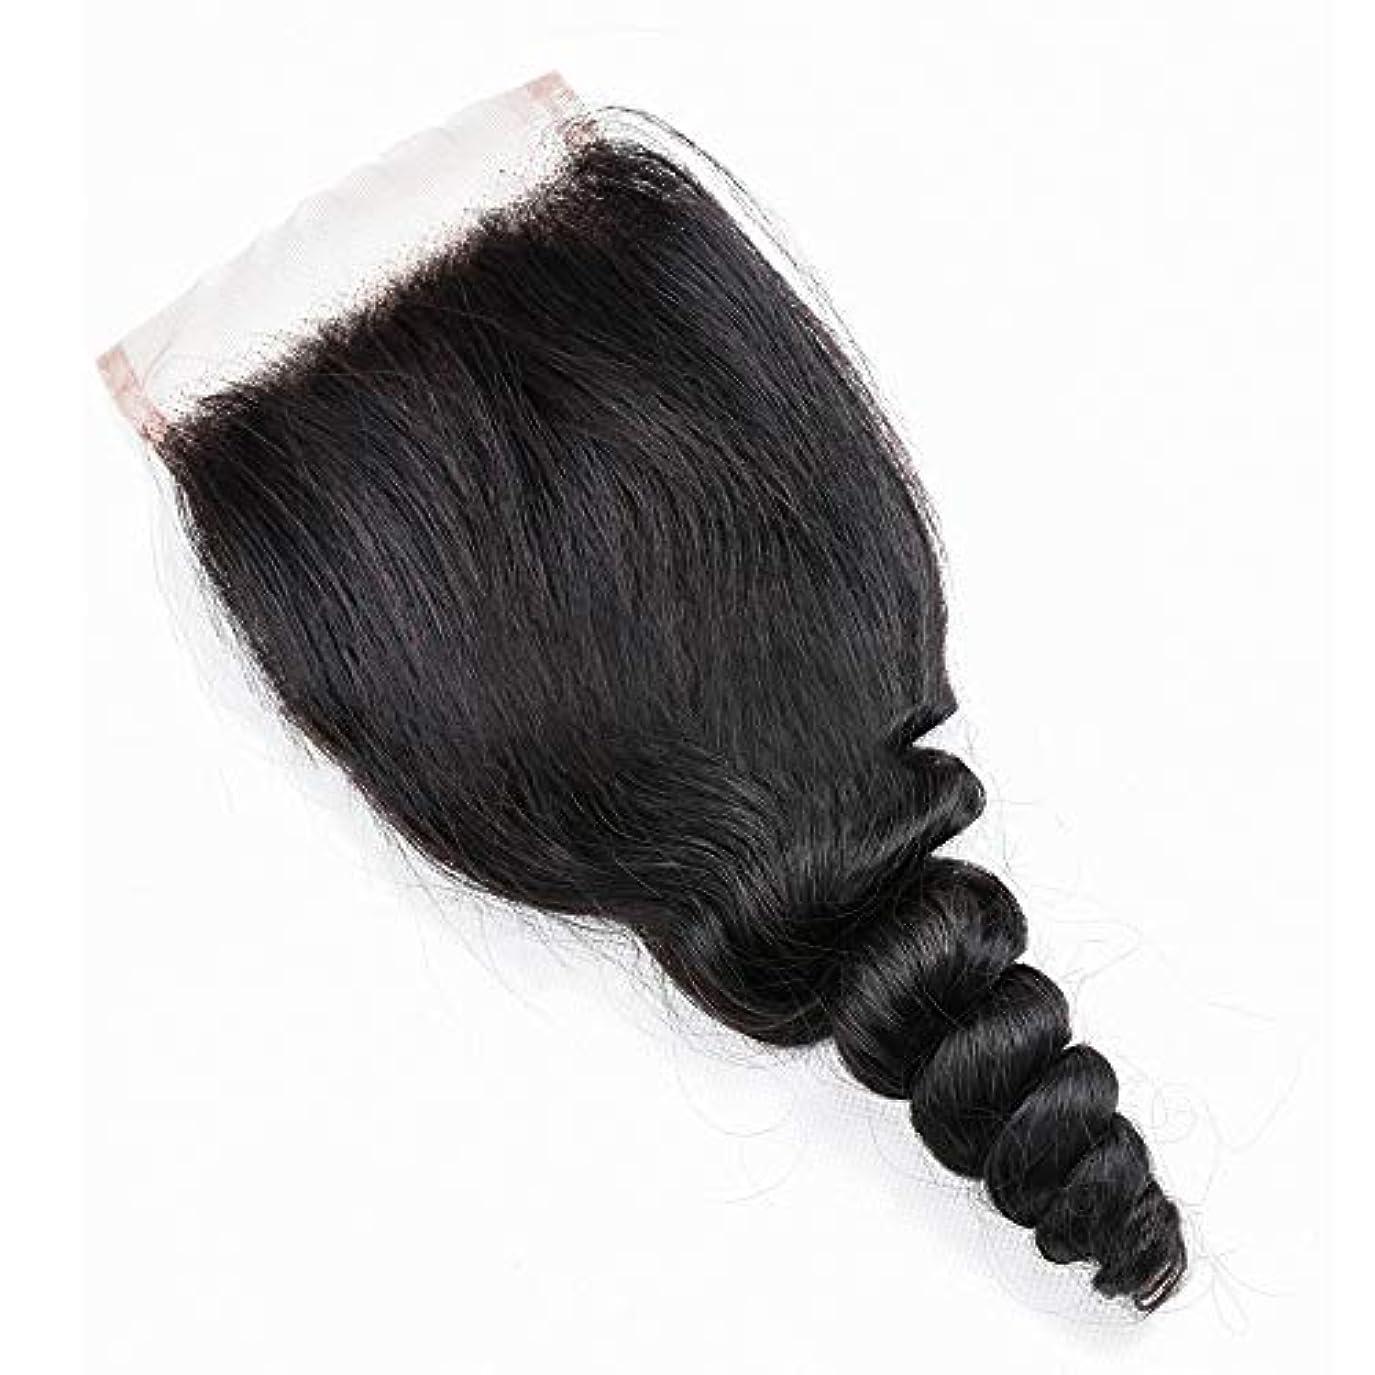 下手めるカトリック教徒WASAIO レース閉鎖緩い波ブラジルバージン人間の髪の毛 (色 : 黒, サイズ : 14 inch)